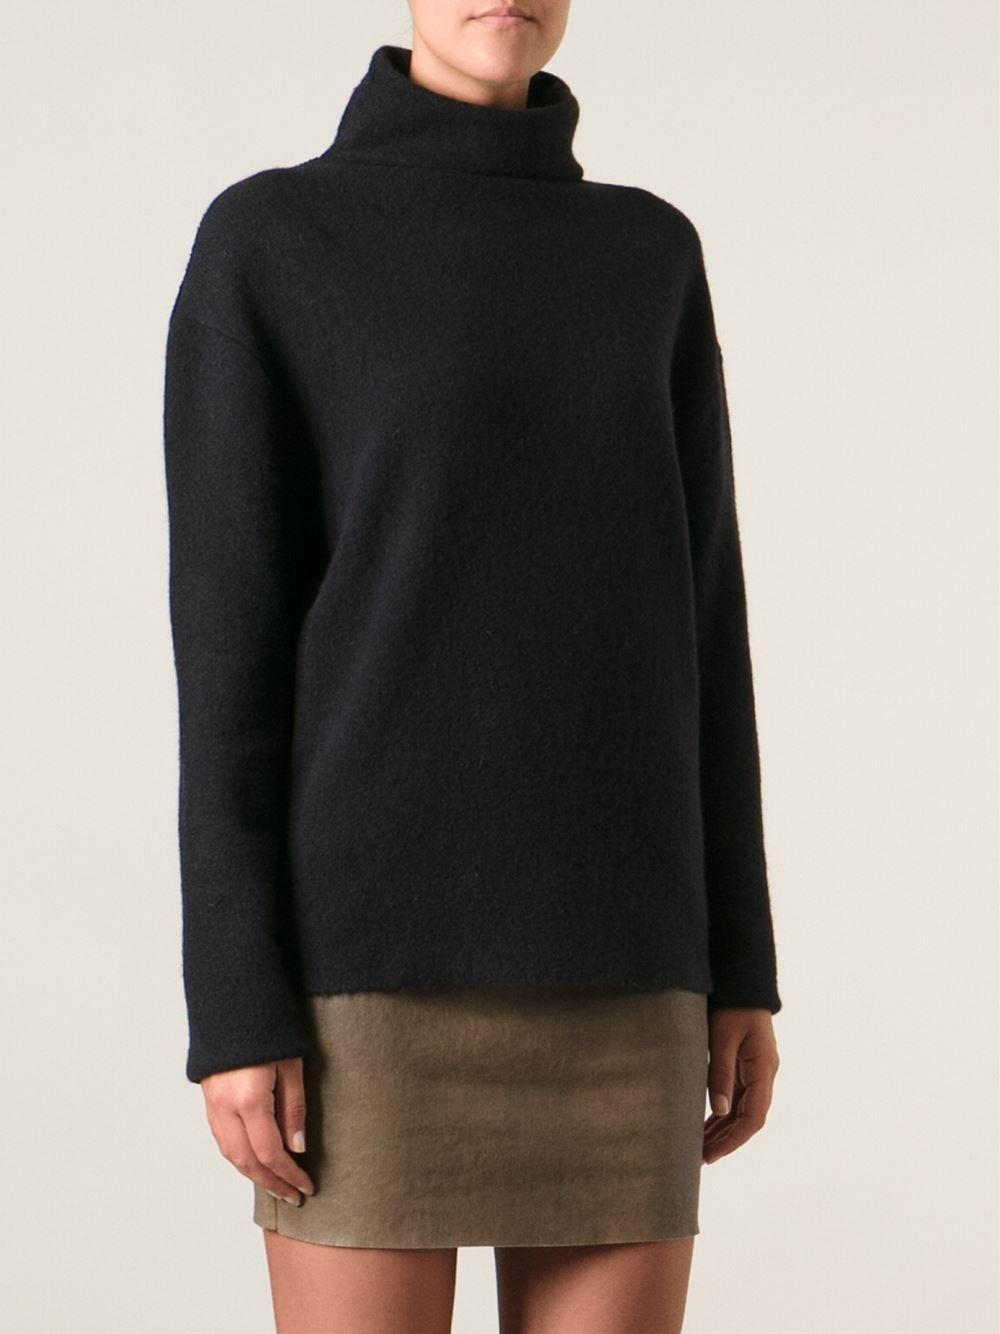 isabel marant turtle neck sweater in black lyst. Black Bedroom Furniture Sets. Home Design Ideas